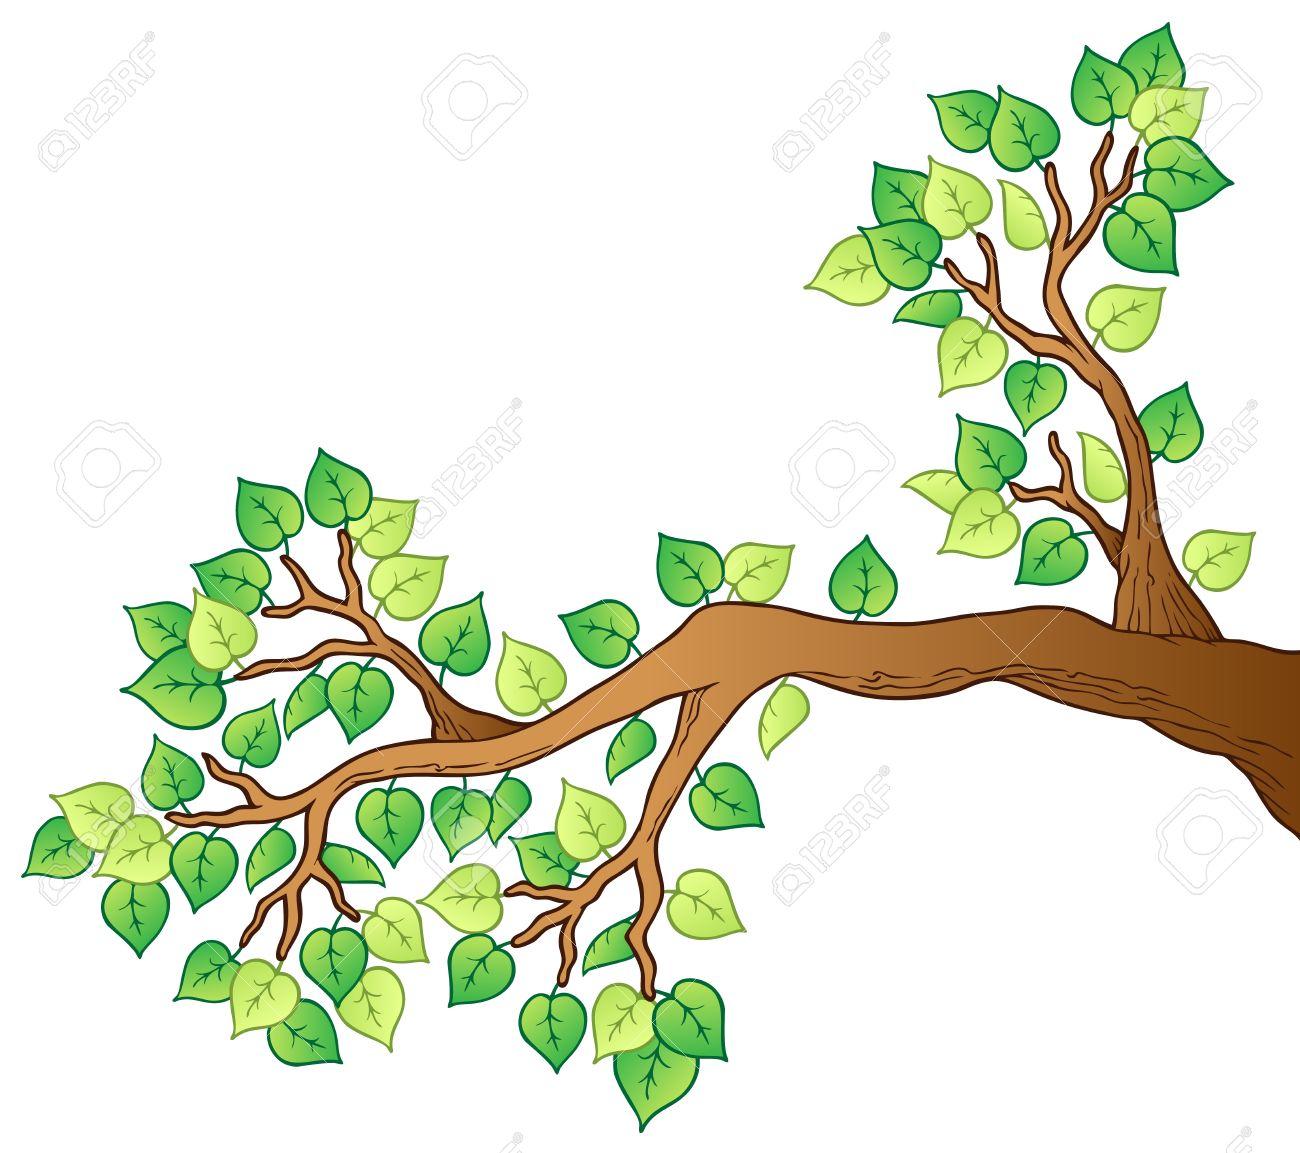 dibujos animados rama de árbol con hojas 1 ilustración vectorial